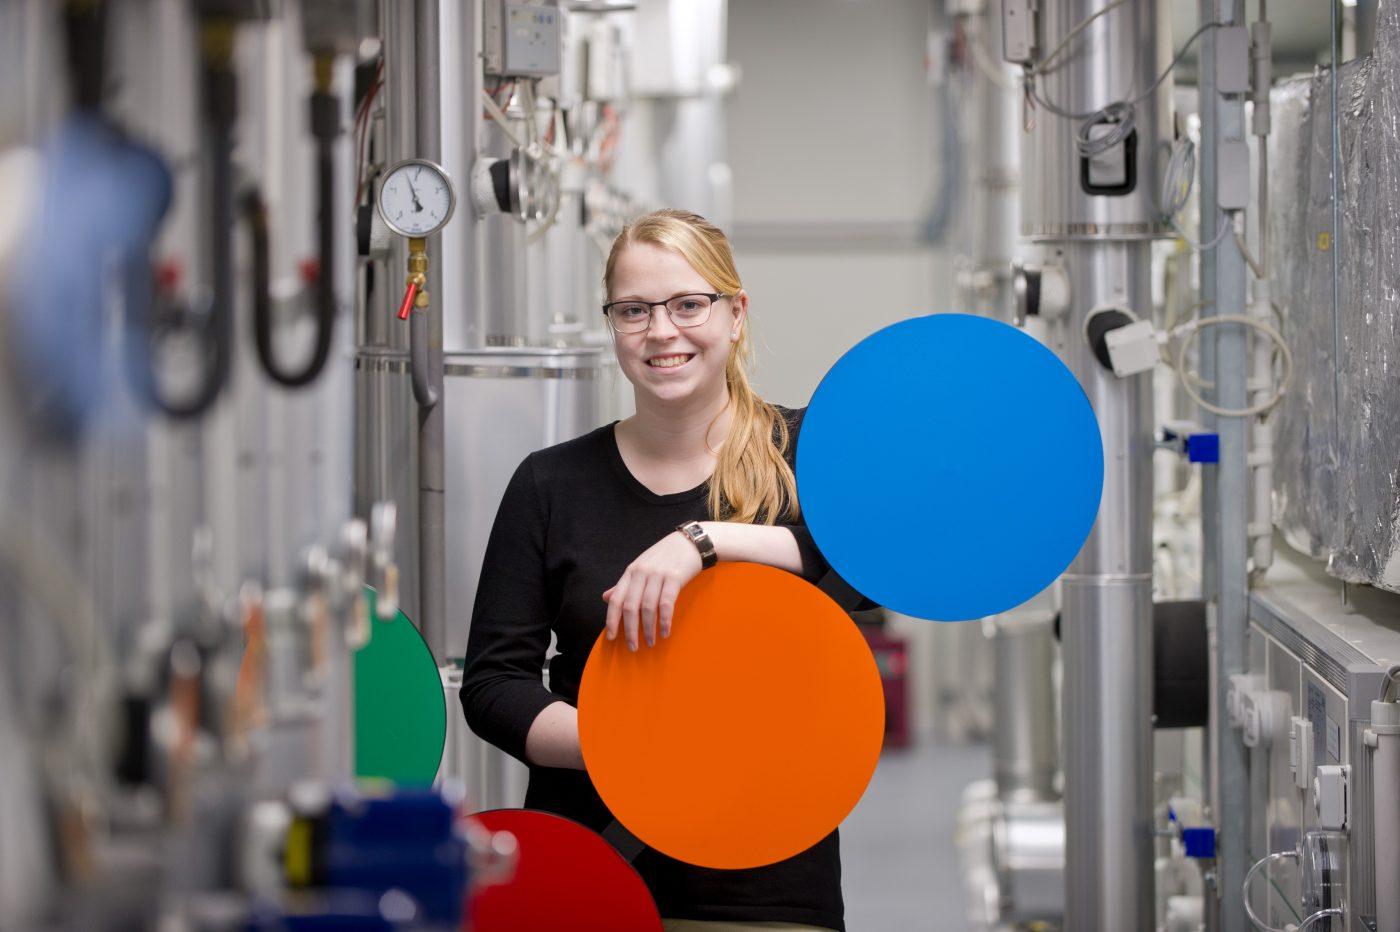 Sarah Rasche, Ingenieurin, Gebr. Becker